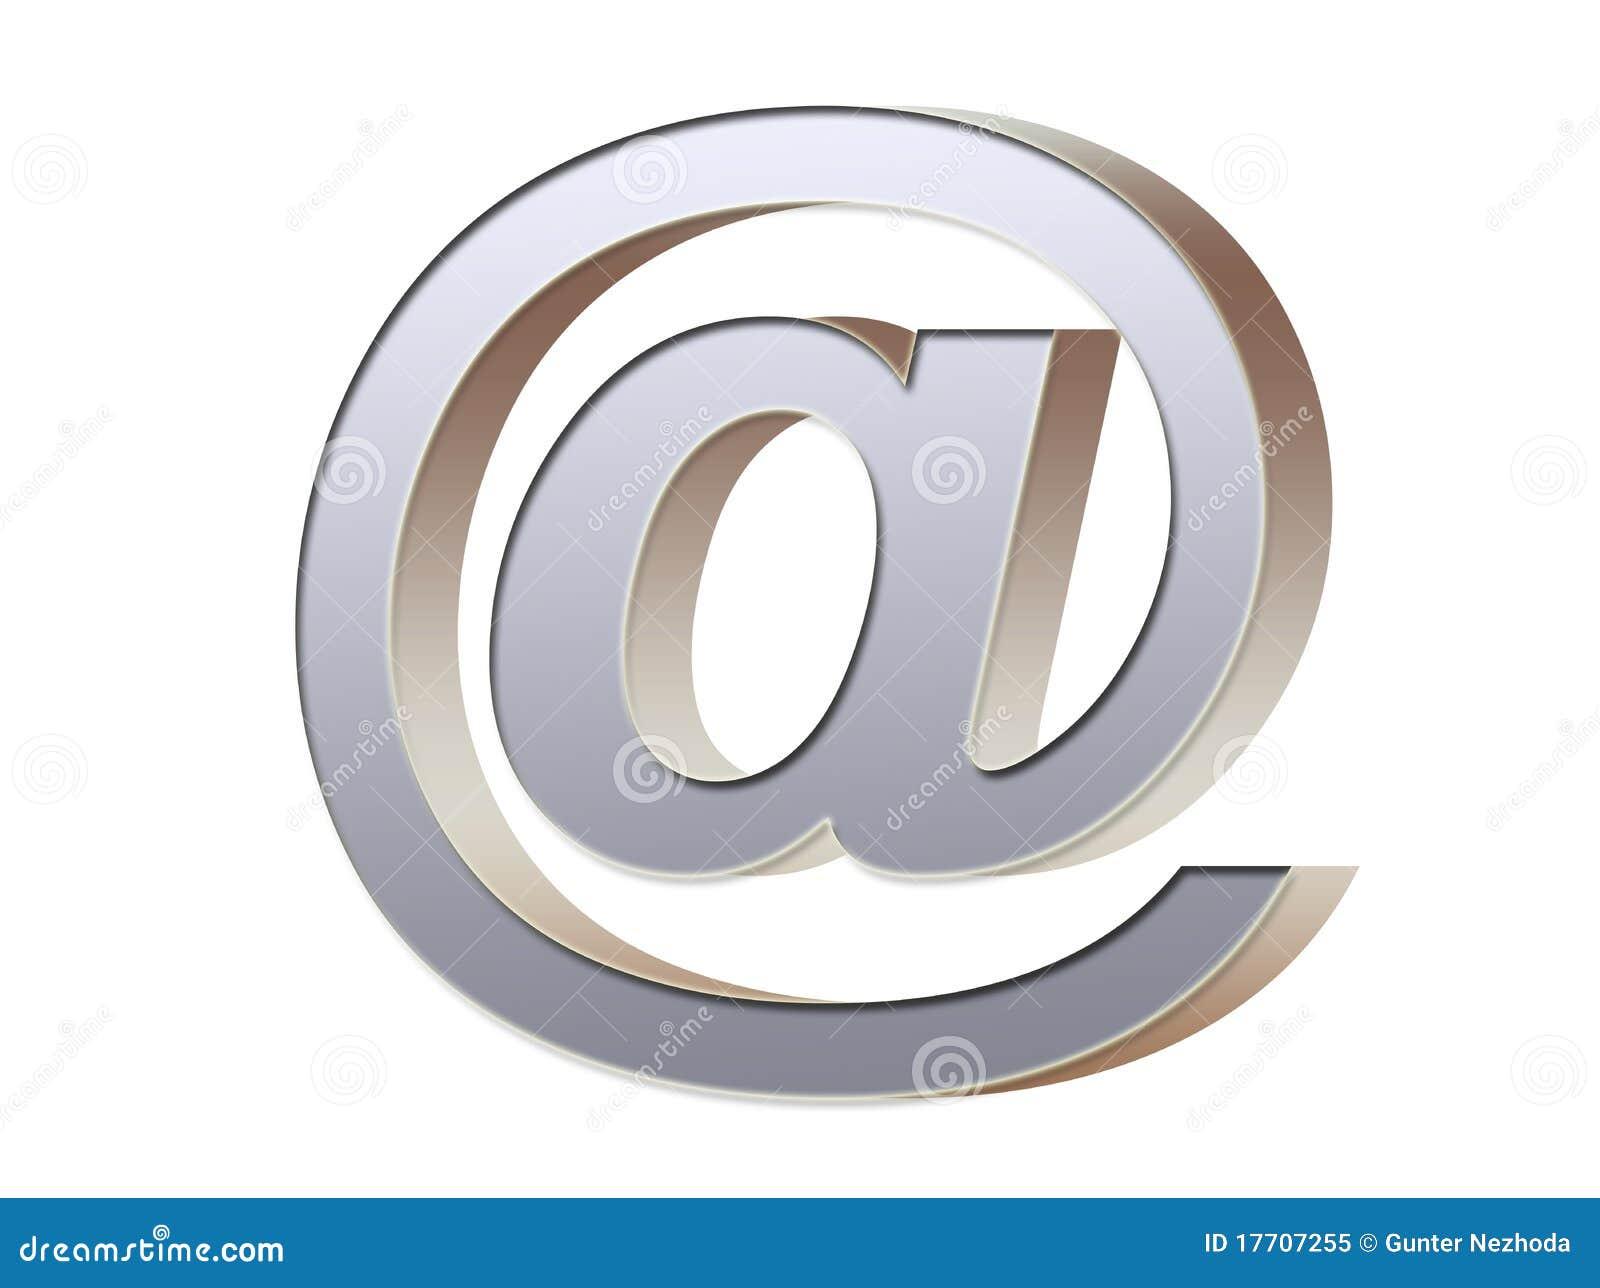 символ электронной почты